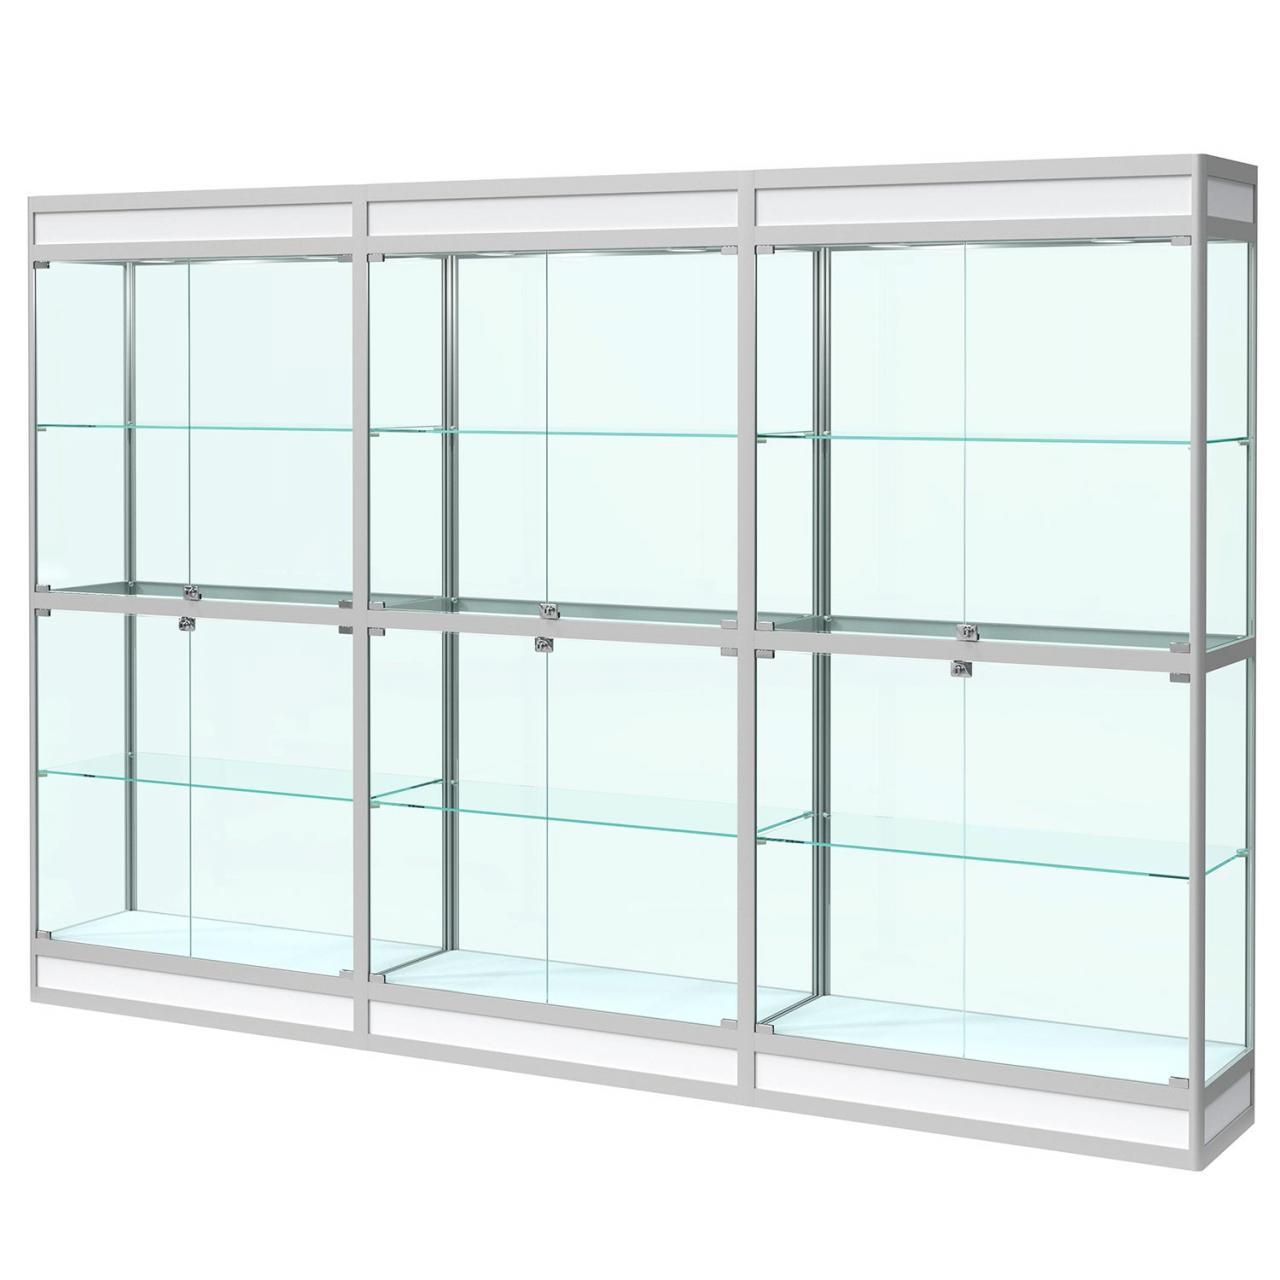 Витрина на подиуме с подсветкой. Задняя стенка стекло.